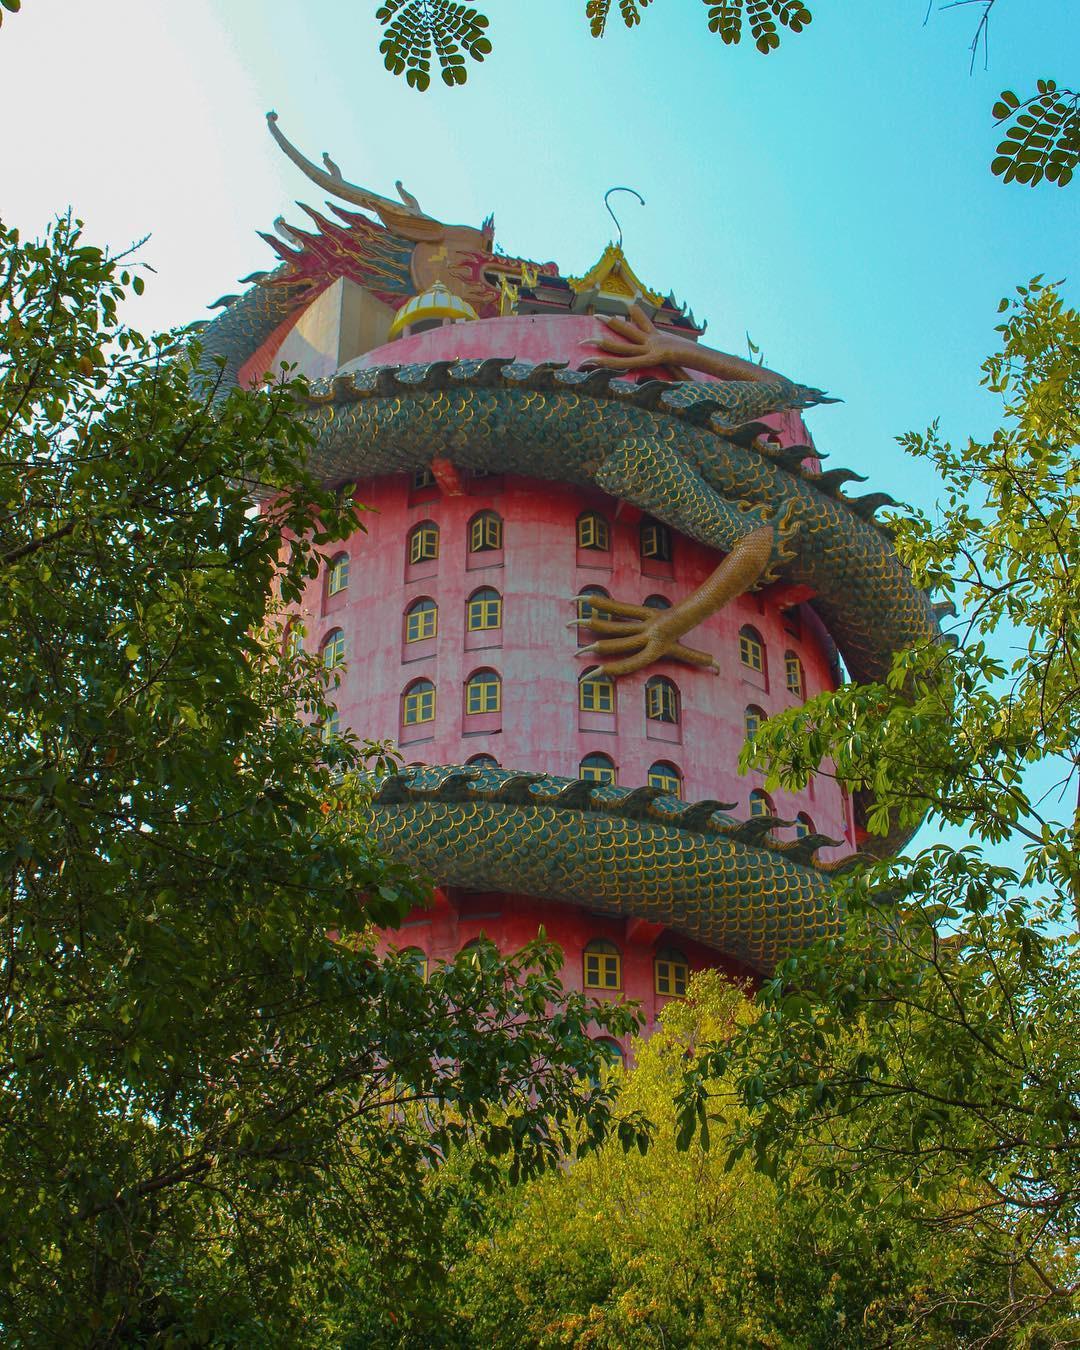 Thoạt nhìn cứ tưởng bối cảnh phim Hollywood nhưng hoá ra ngôi chùa này ở Thái lại hoàn toàn có thật! - Ảnh 8.